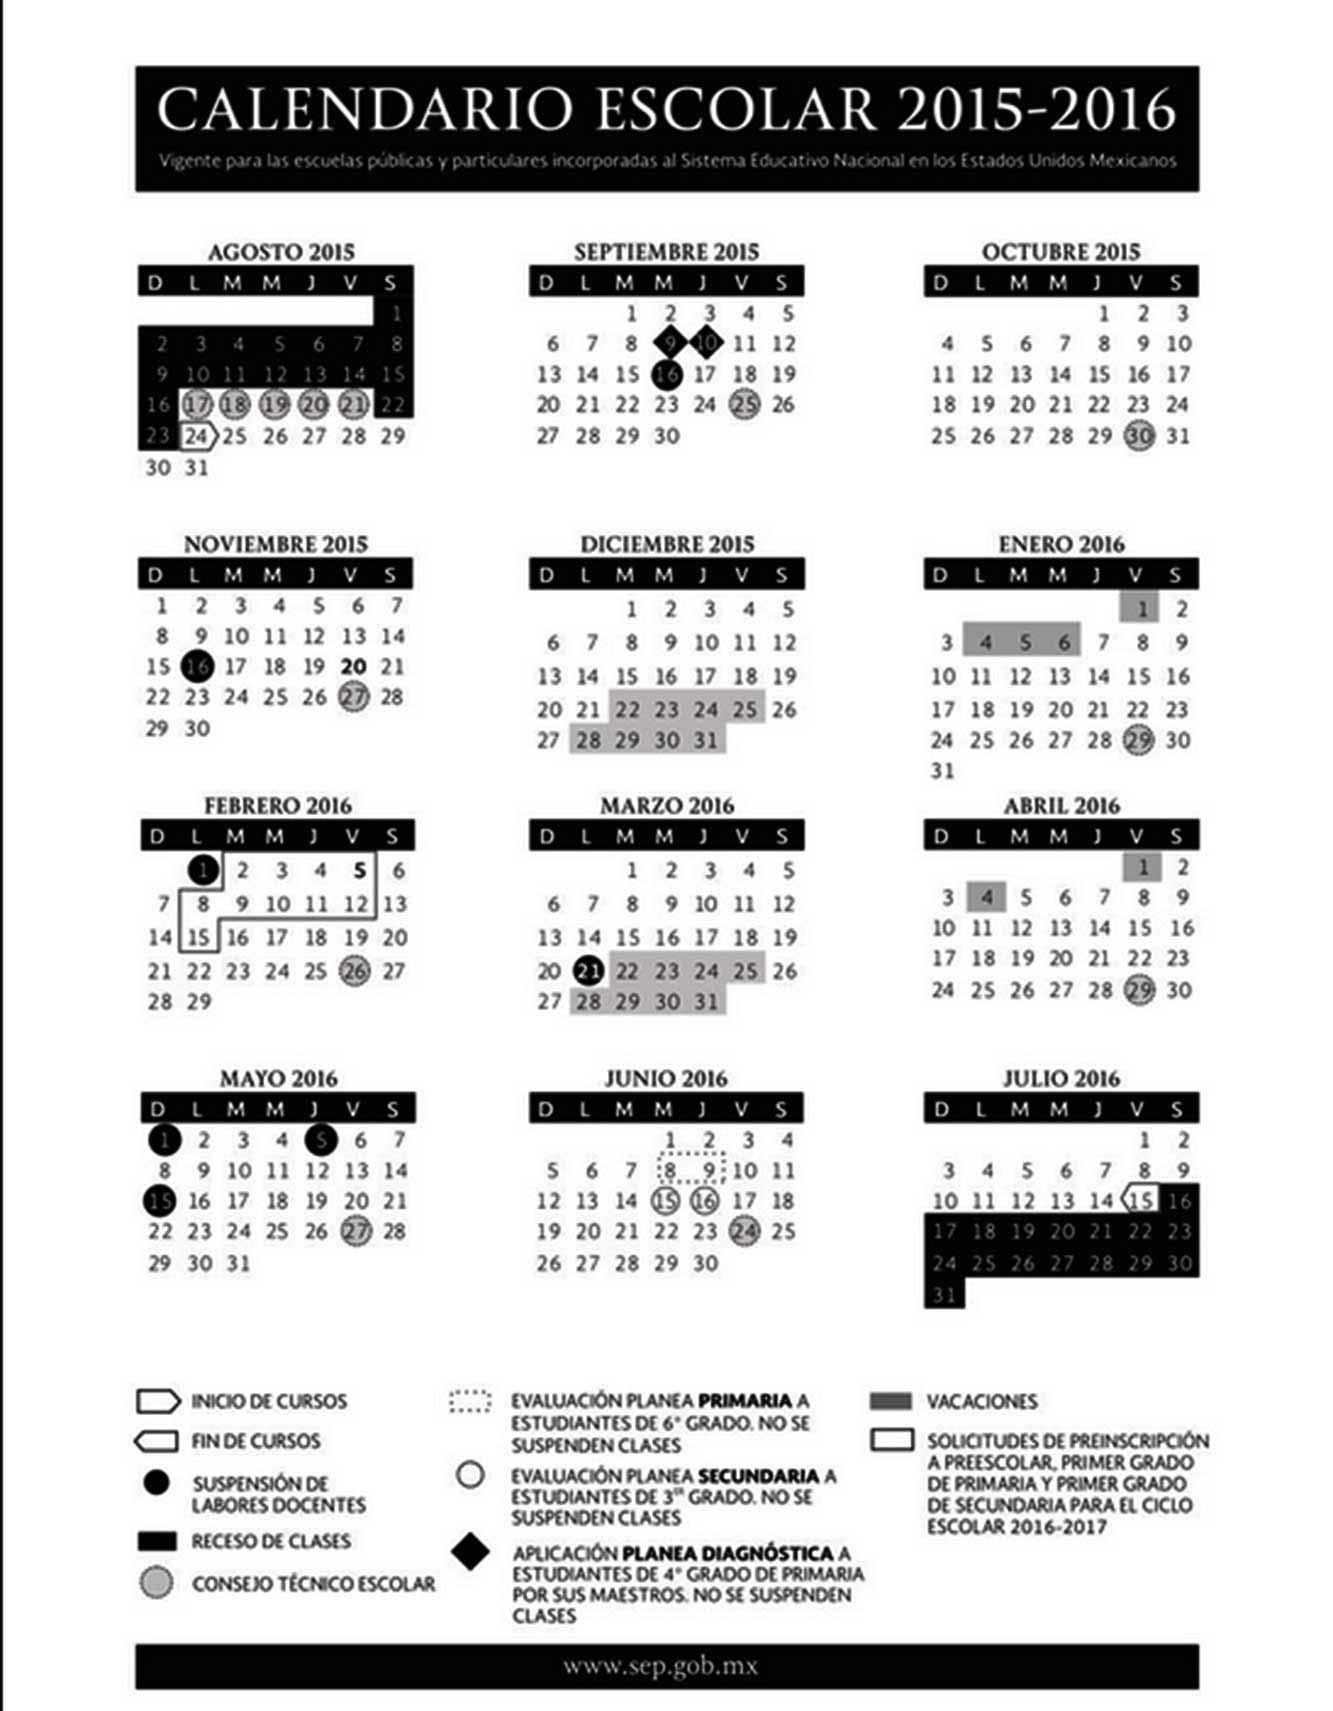 Este es el calendario escolar 2015-2016